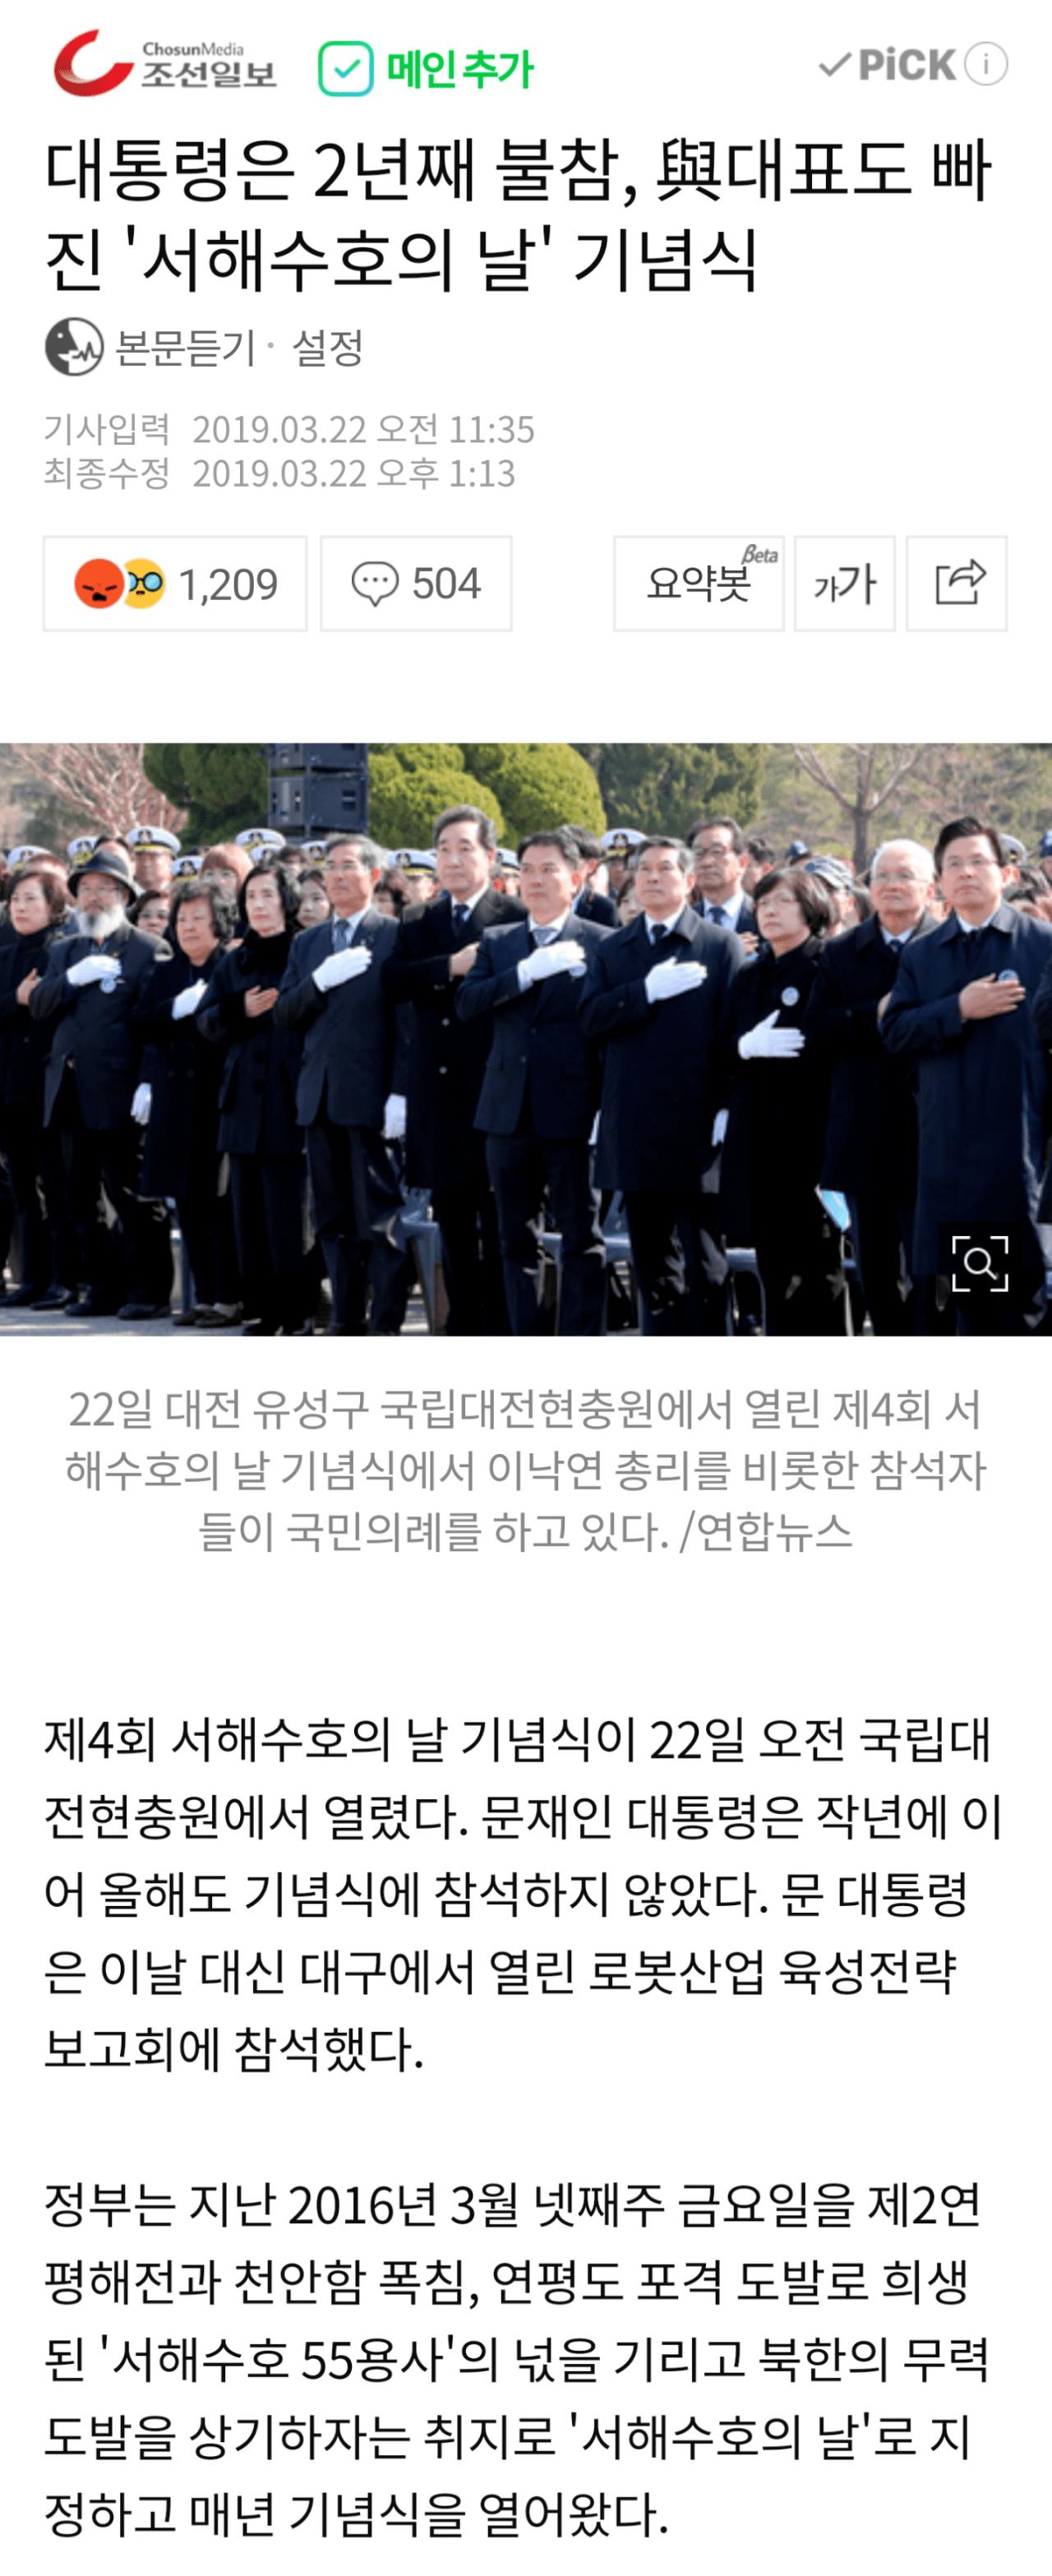 대통령과 여당대표도 빠진 서해수호의 날 기념식